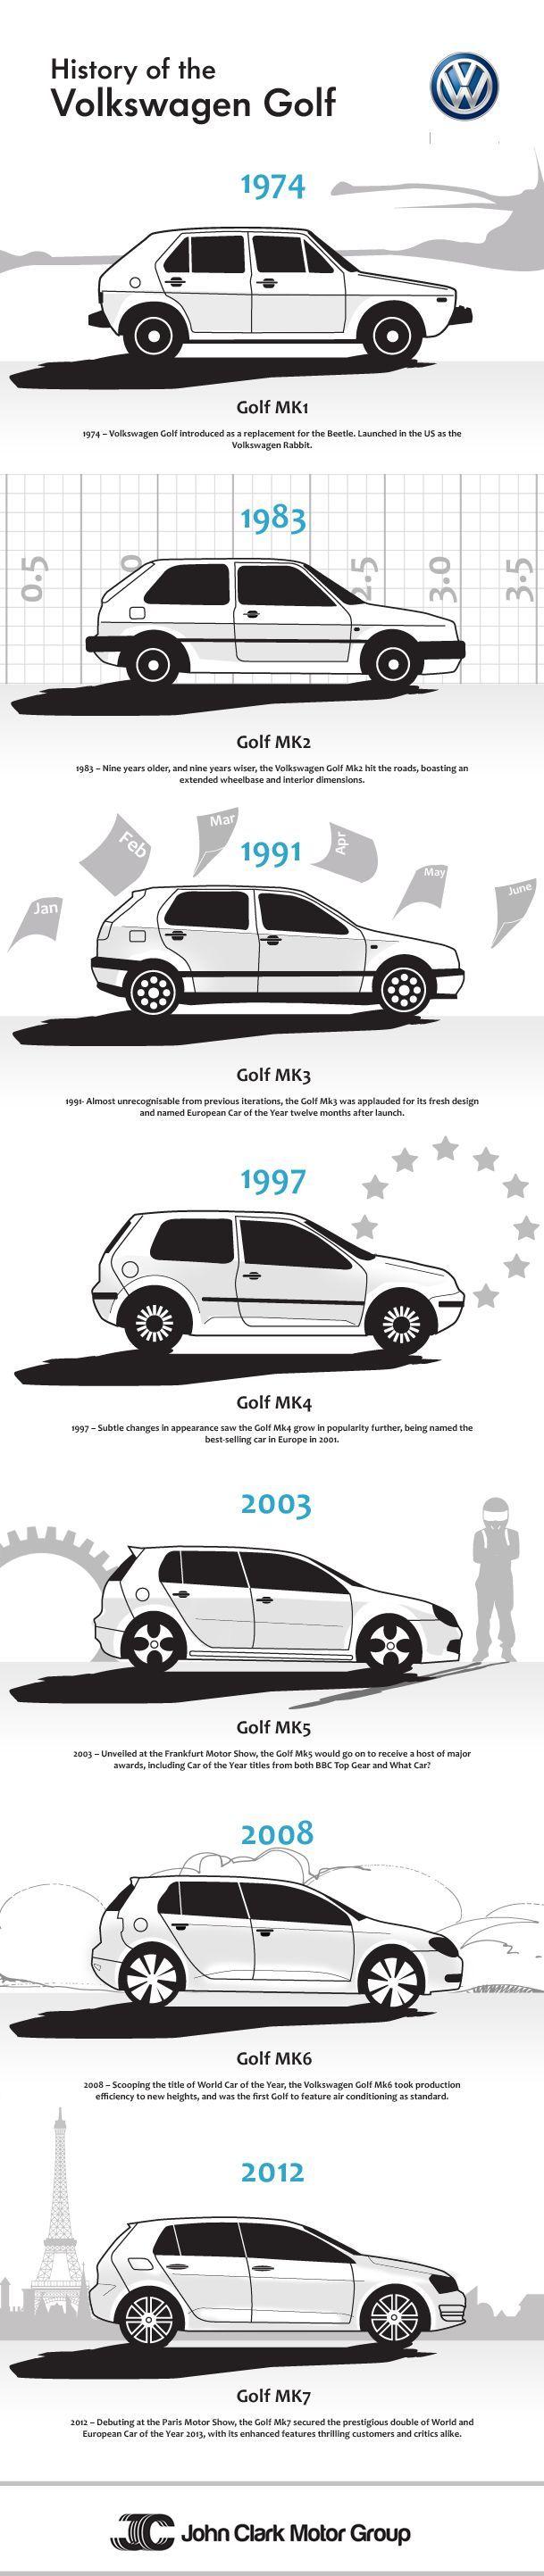 Cool Volkswagen 2017: De evolutie van de Volkswagen Golf  #Volkswagen #Golf #Evolution...  Carros Check more at http://carsboard.pro/2017/2017/04/02/volkswagen-2017-de-evolutie-van-de-volkswagen-golf-volkswagen-golf-evolution-carros/